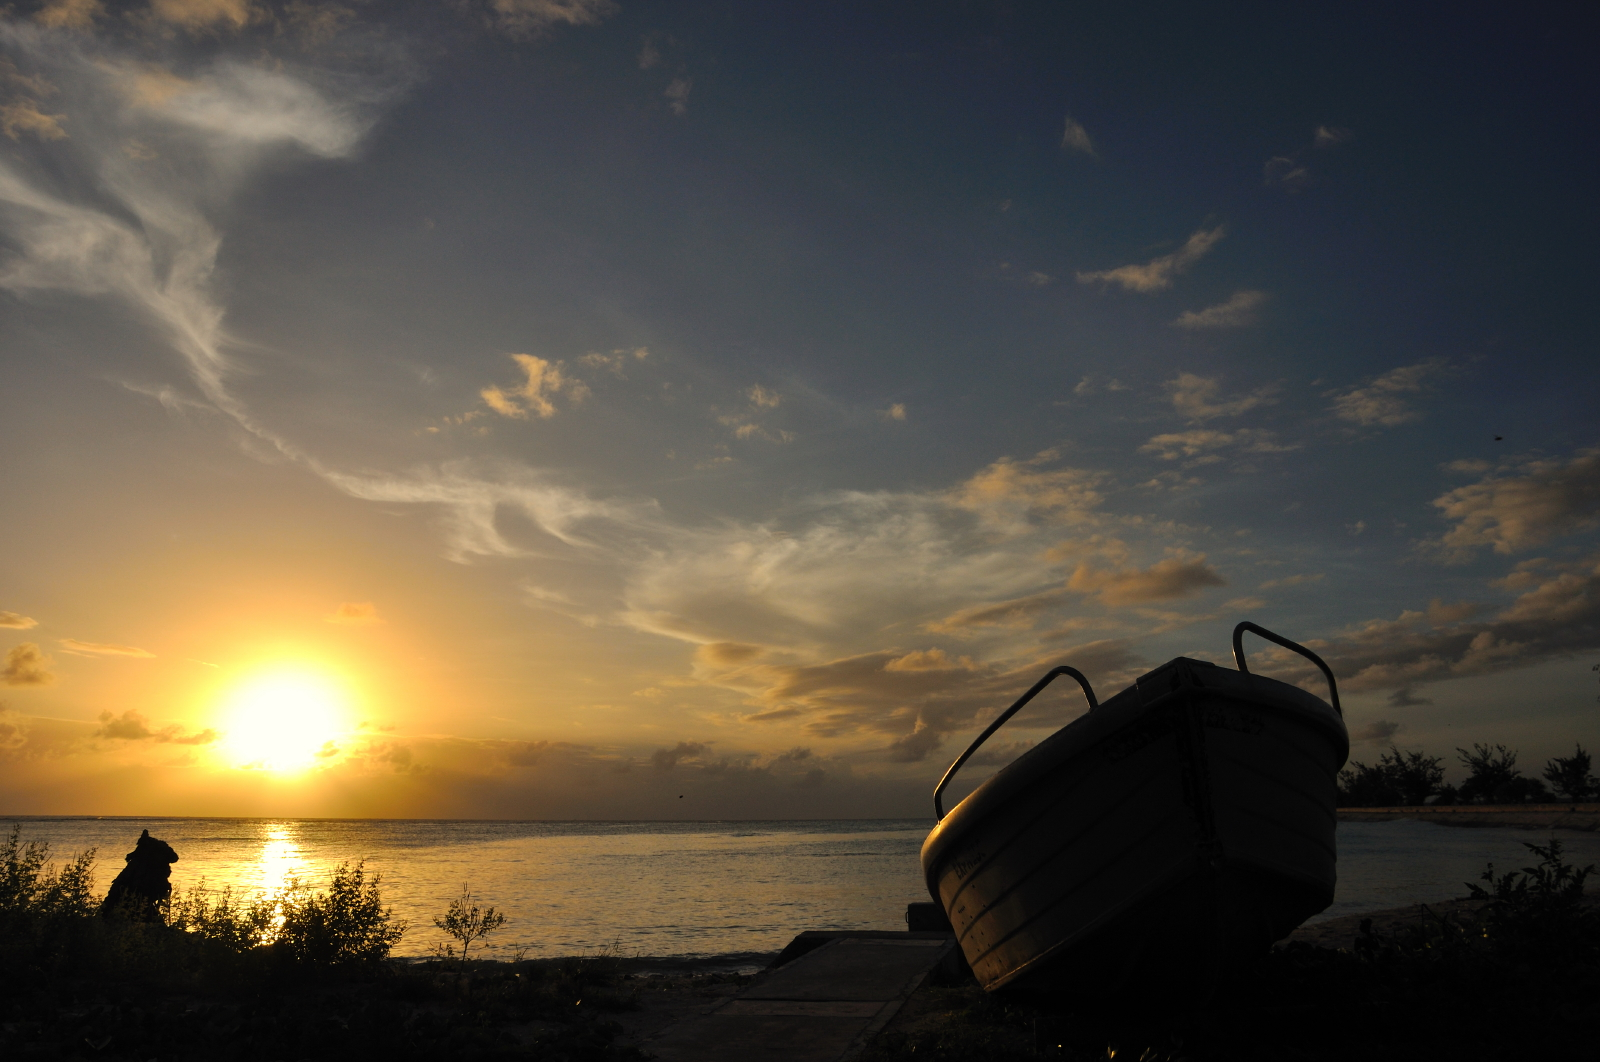 <p>Kiribati at sunset—or dawn. (Flickr/jopolopy)</p>